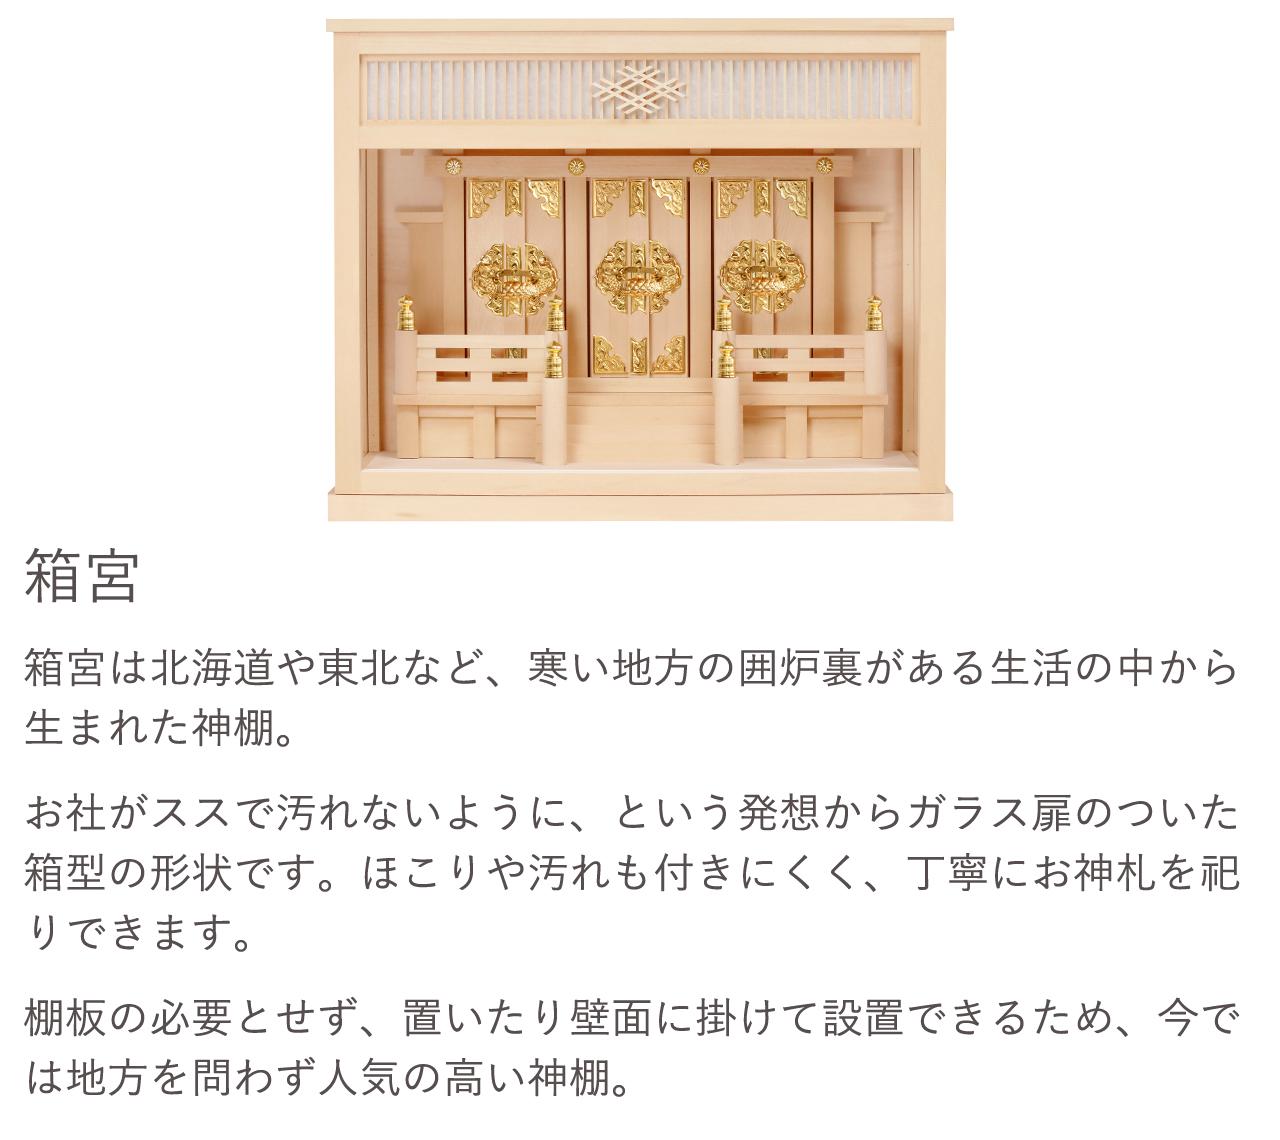 箱宮は北海道や東北など、寒い地方の囲炉裏がある生活の中から生まれた神棚。お社がススで汚れないように、という発想からガラス扉のついた箱型の形状です。ほこりや汚れも付きにくく、丁寧にお神札を祀りできます。棚板の必要とせず、置いたり壁面に掛けて設置できるため、今では地方を問わず人気の高い神棚。